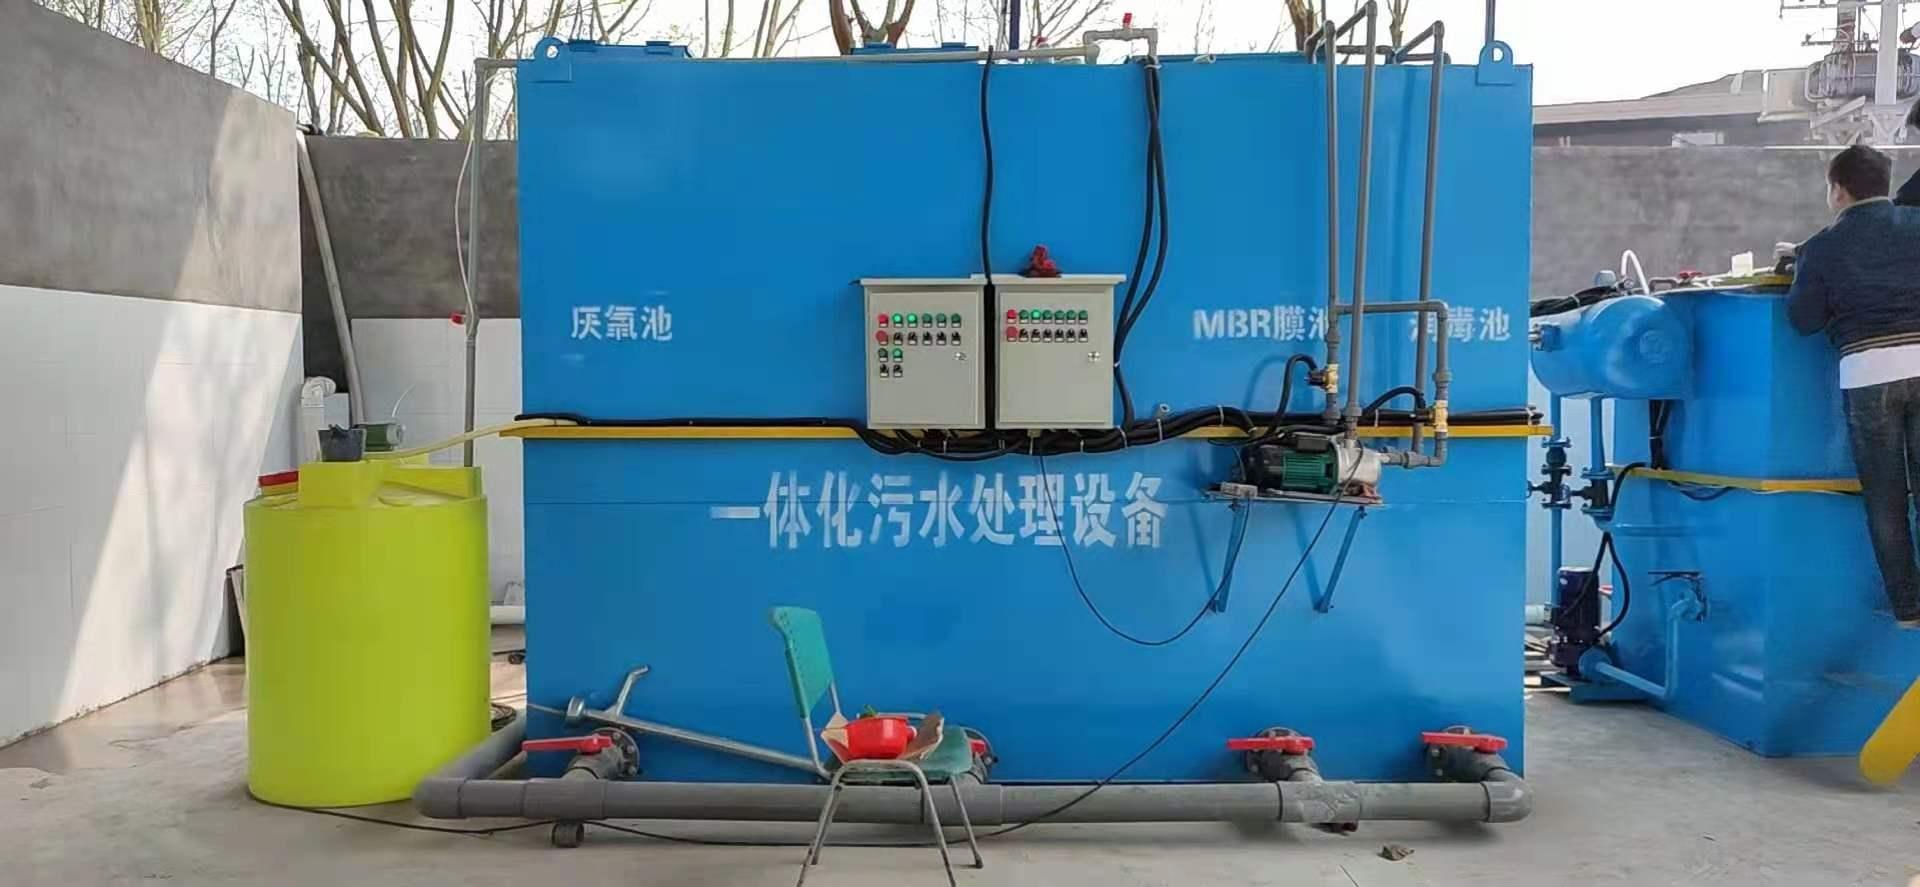 芦淞区造纸污水处理设备厂家全国32个物流仓储中心